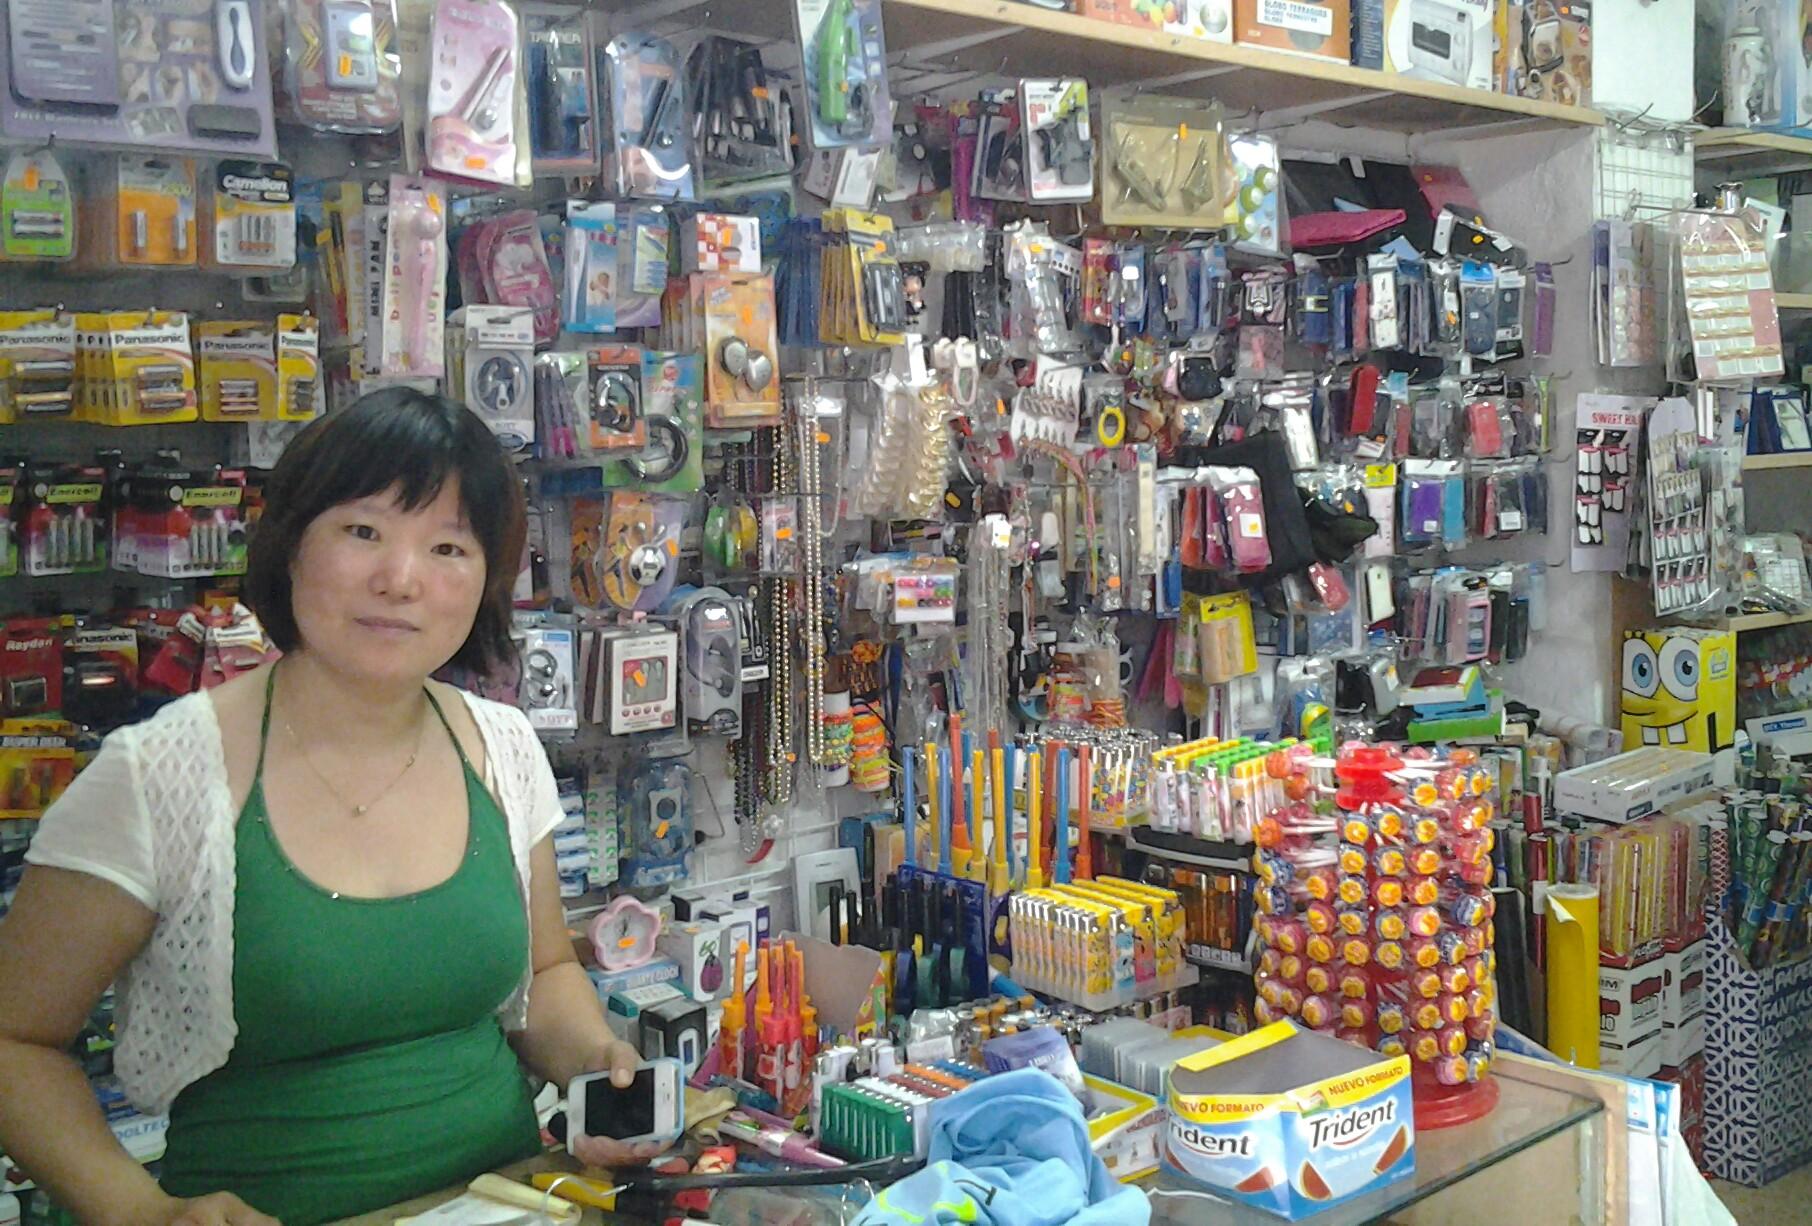 Bazar alborada catarroja directorio comercial de la for Bazar decoracion